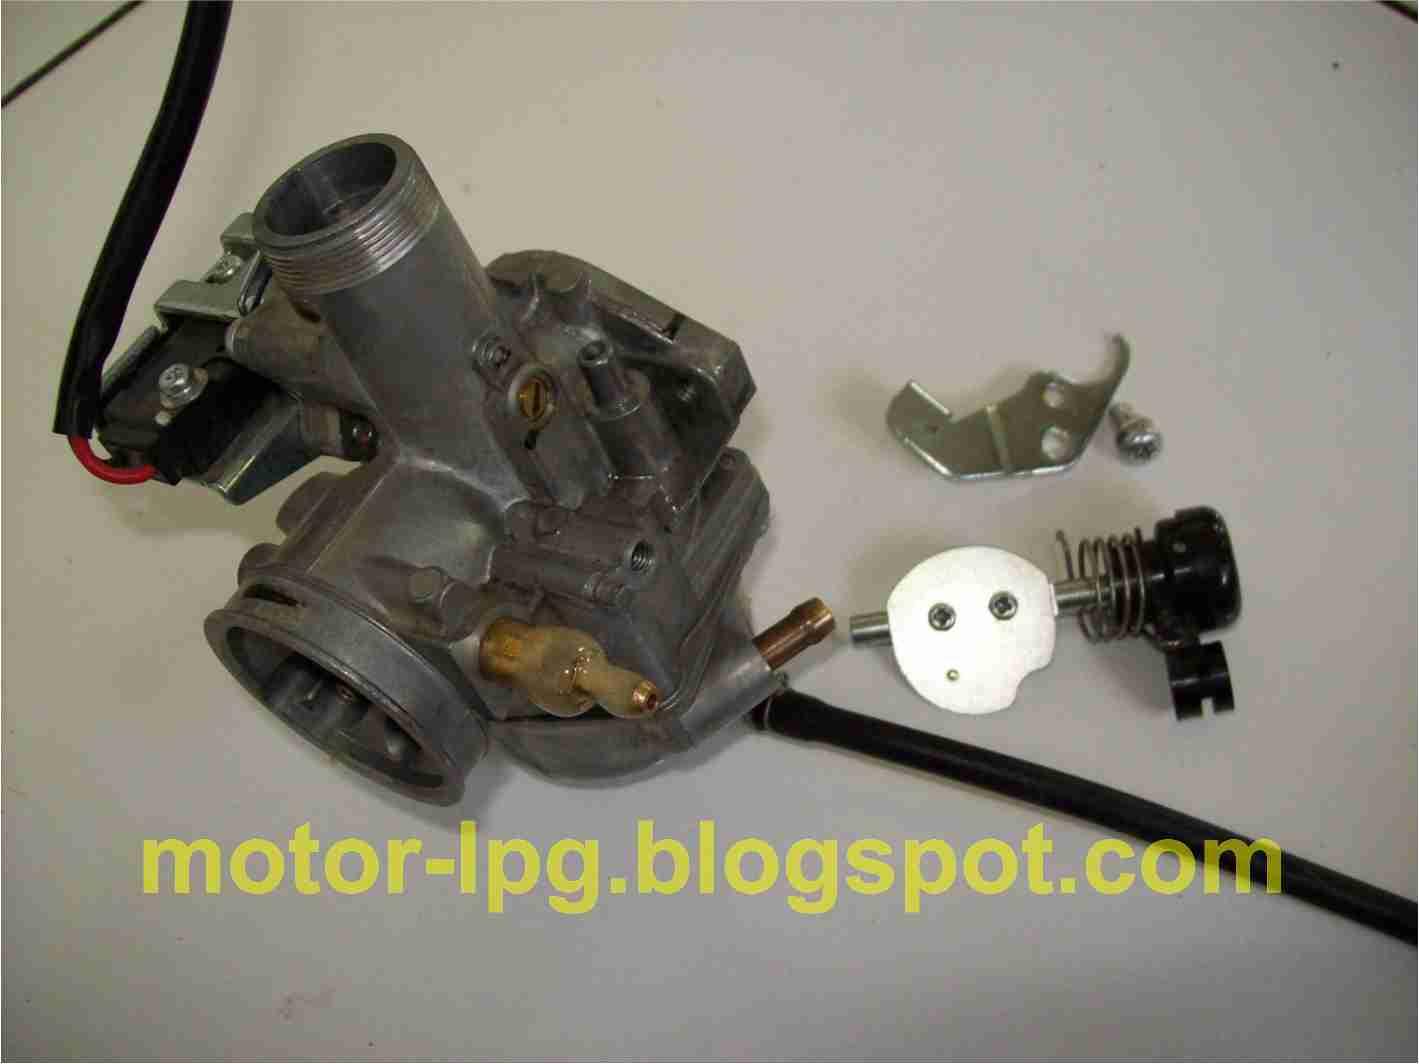 Gambar 2. Pemasangan naple masuk gas LPG dengan